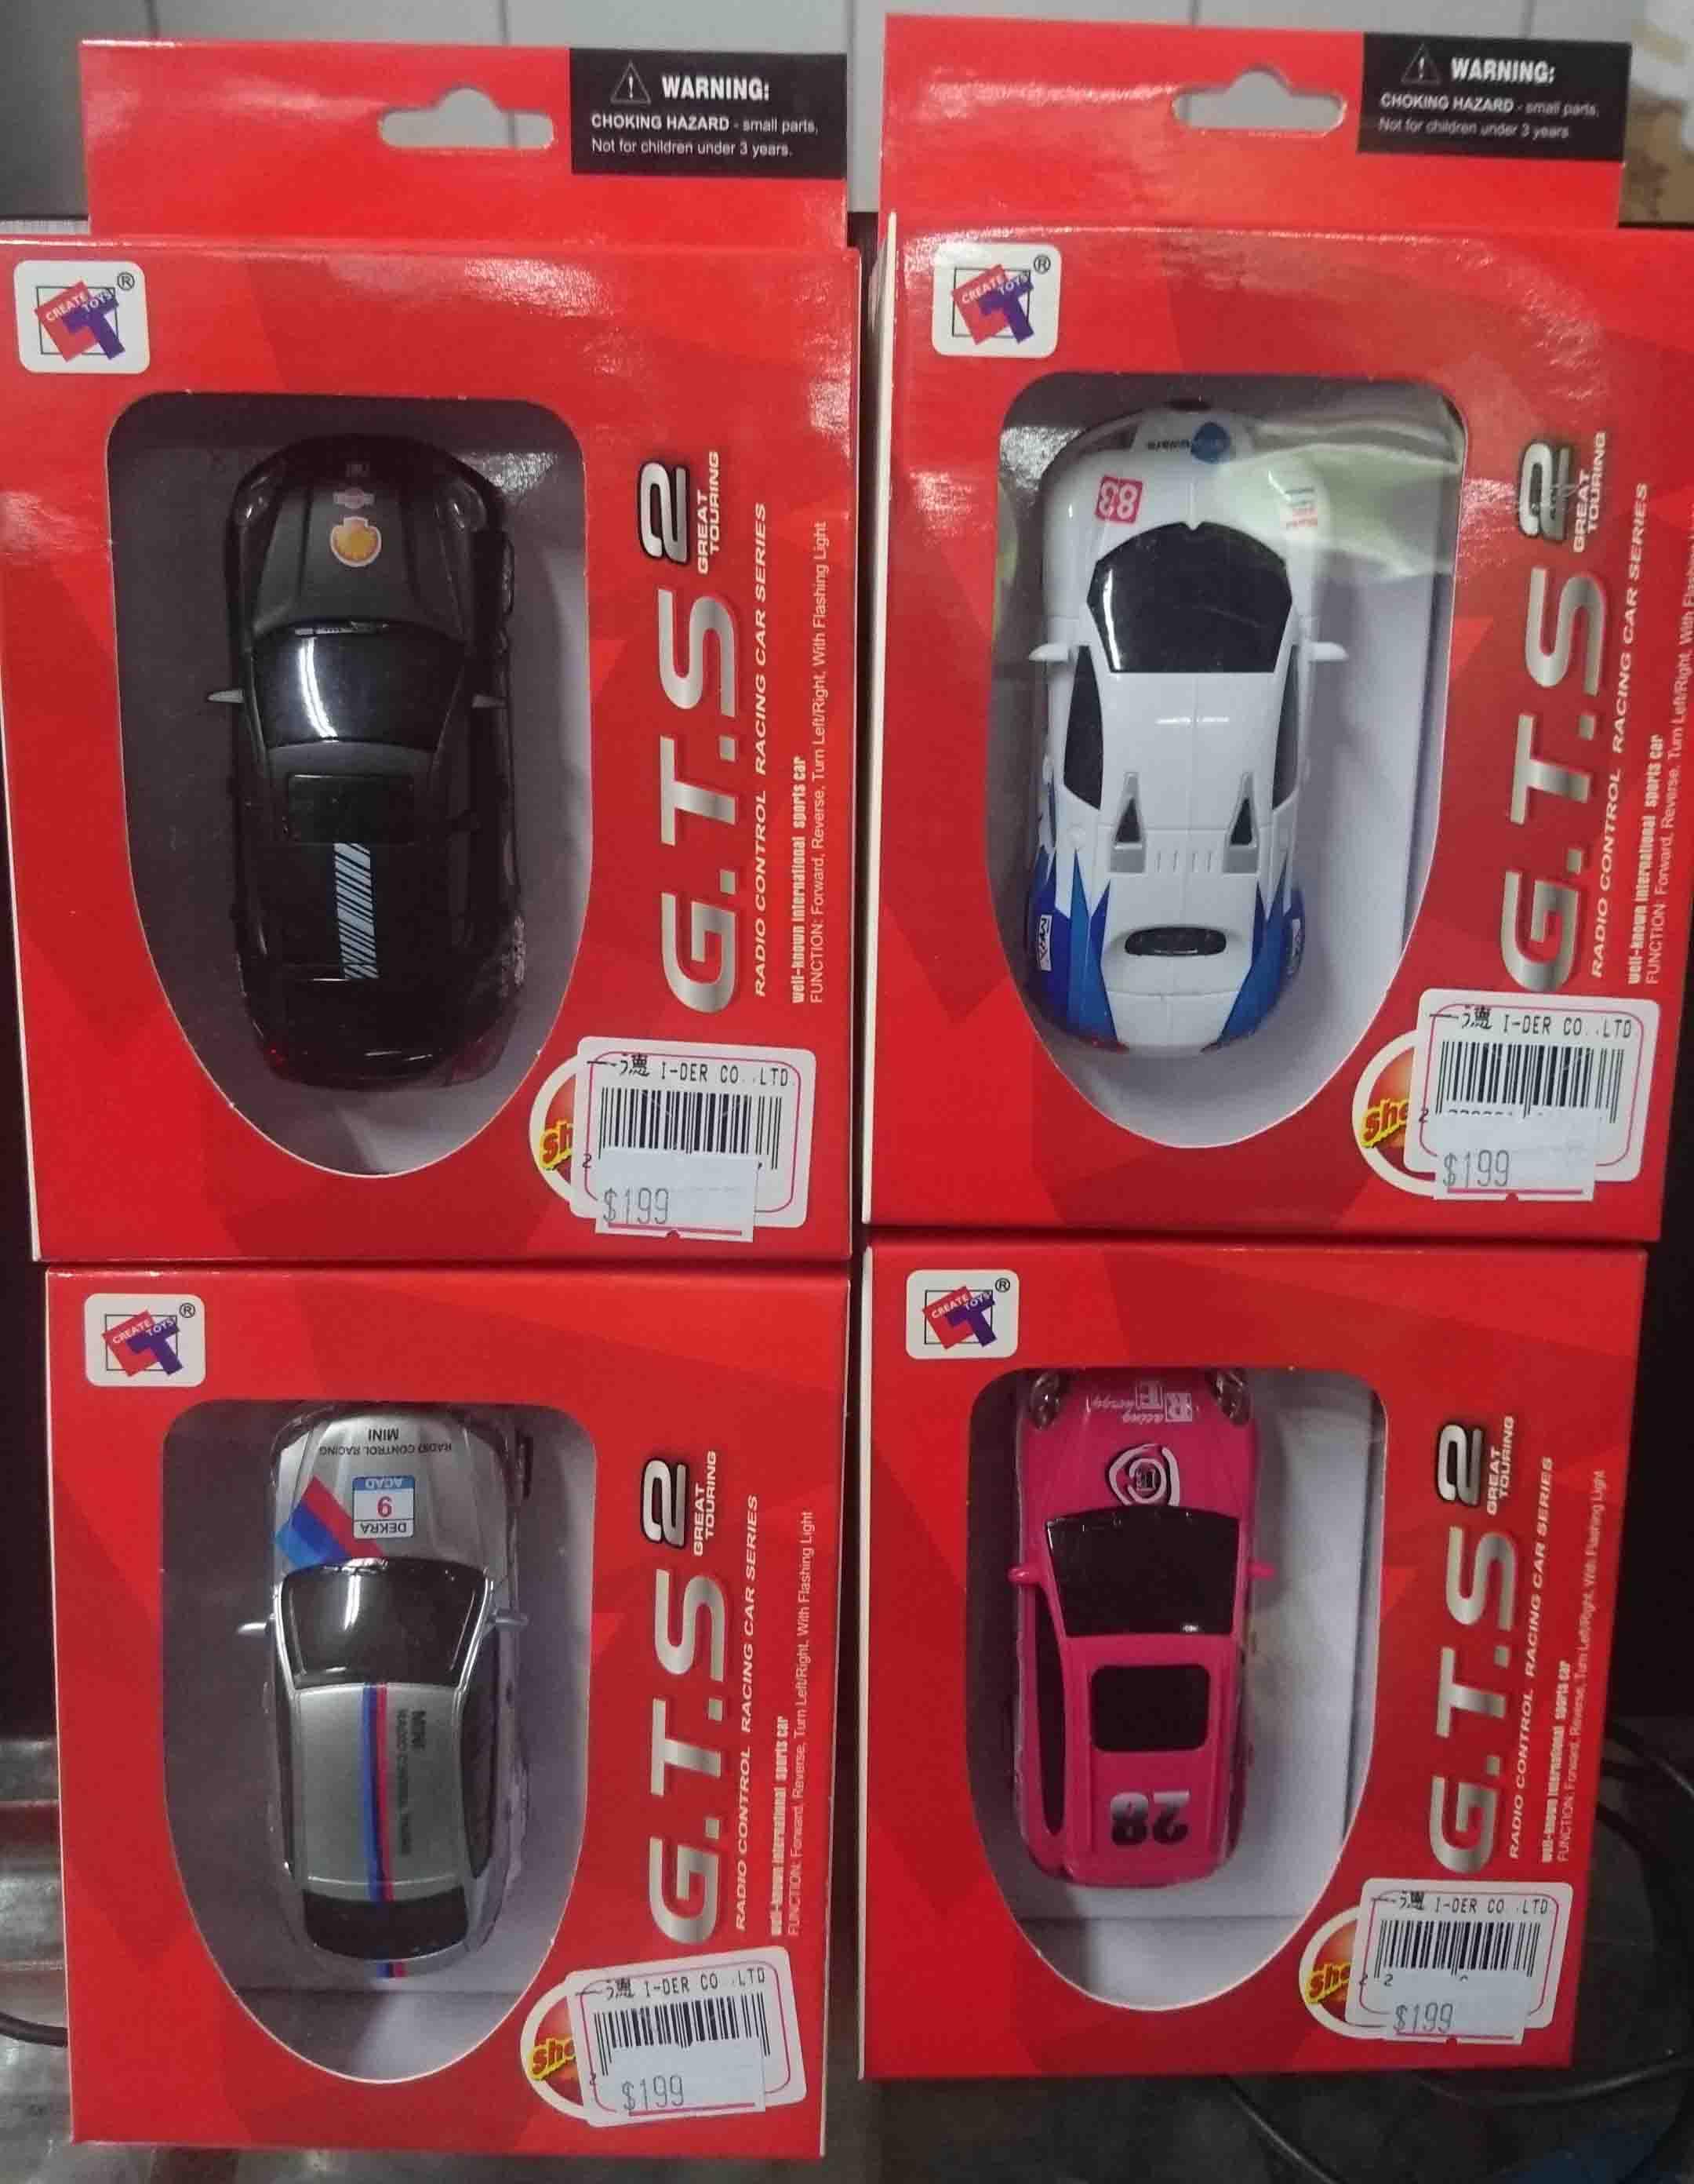 迷你遙控車,益祥模型玩具外盒實拍照。